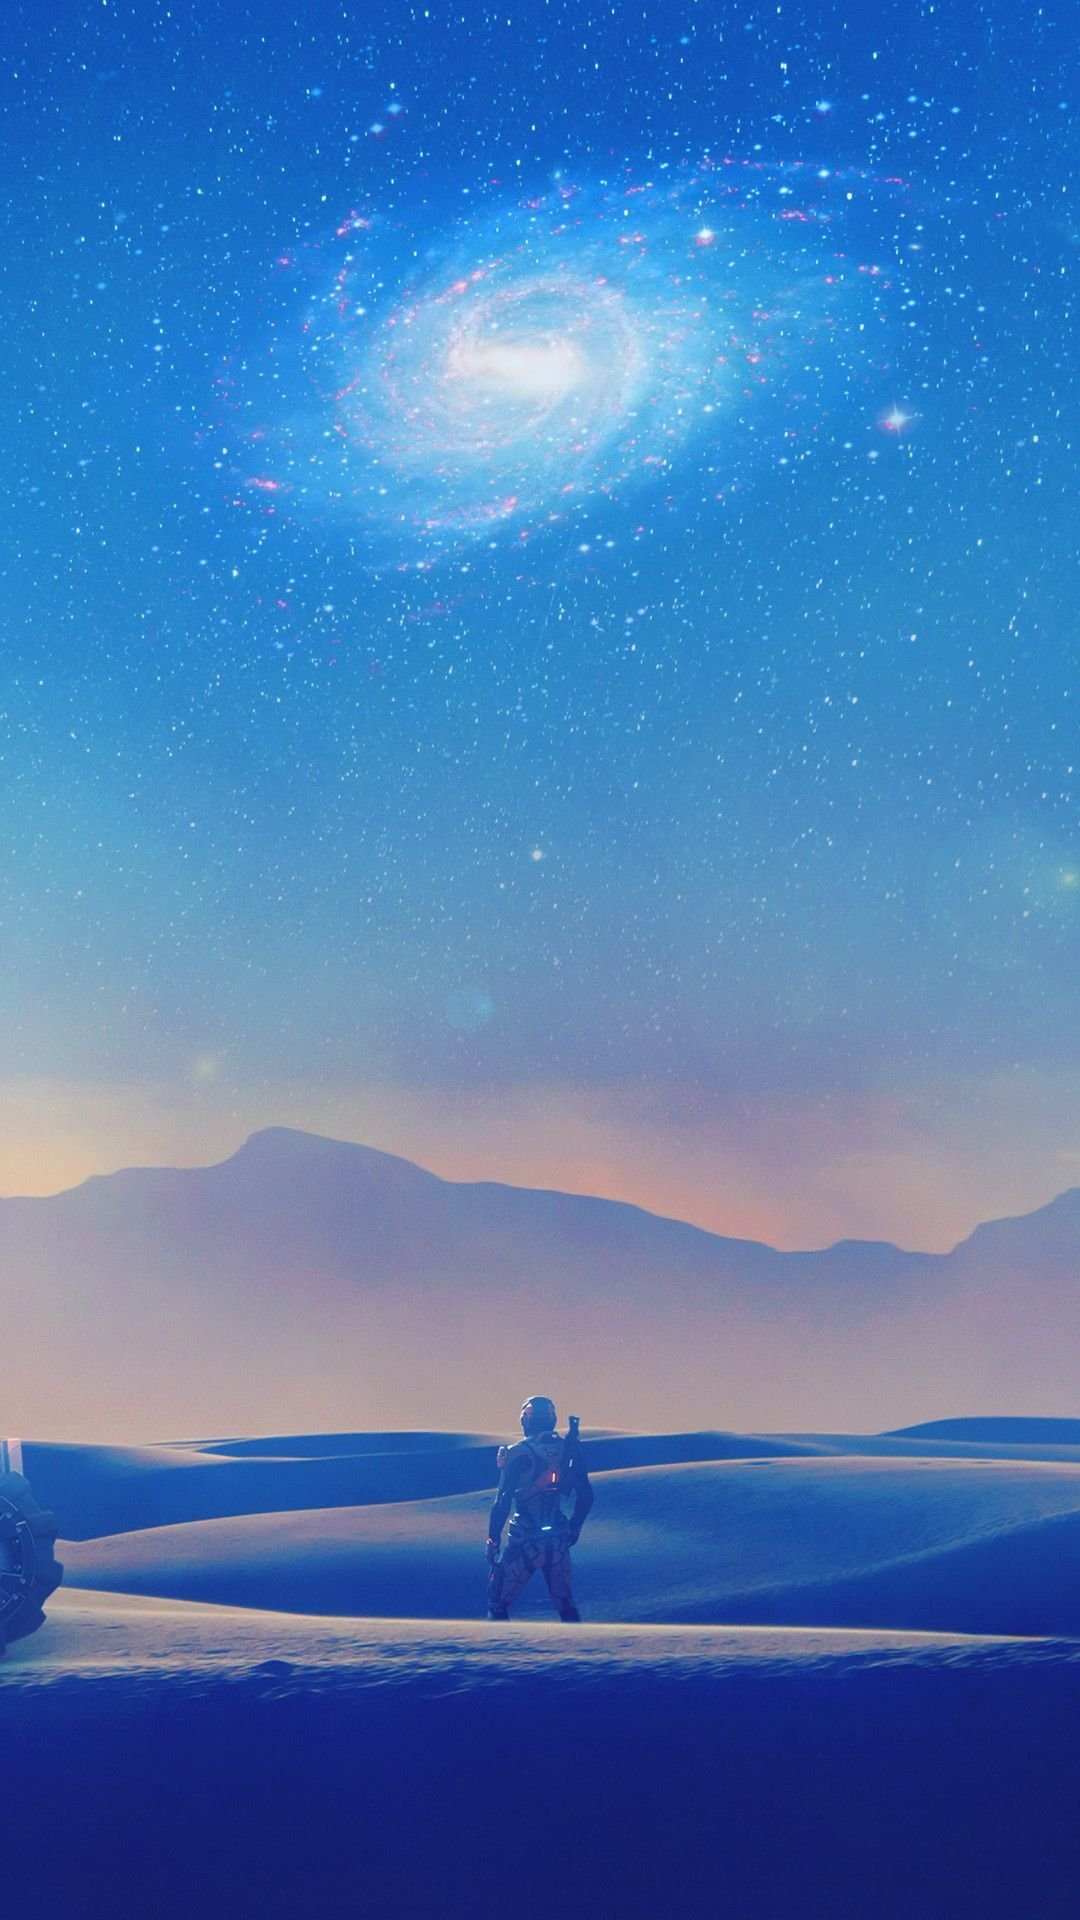 Pin By Marin Zayakov On Mass Effect Mass Effect 4k Background